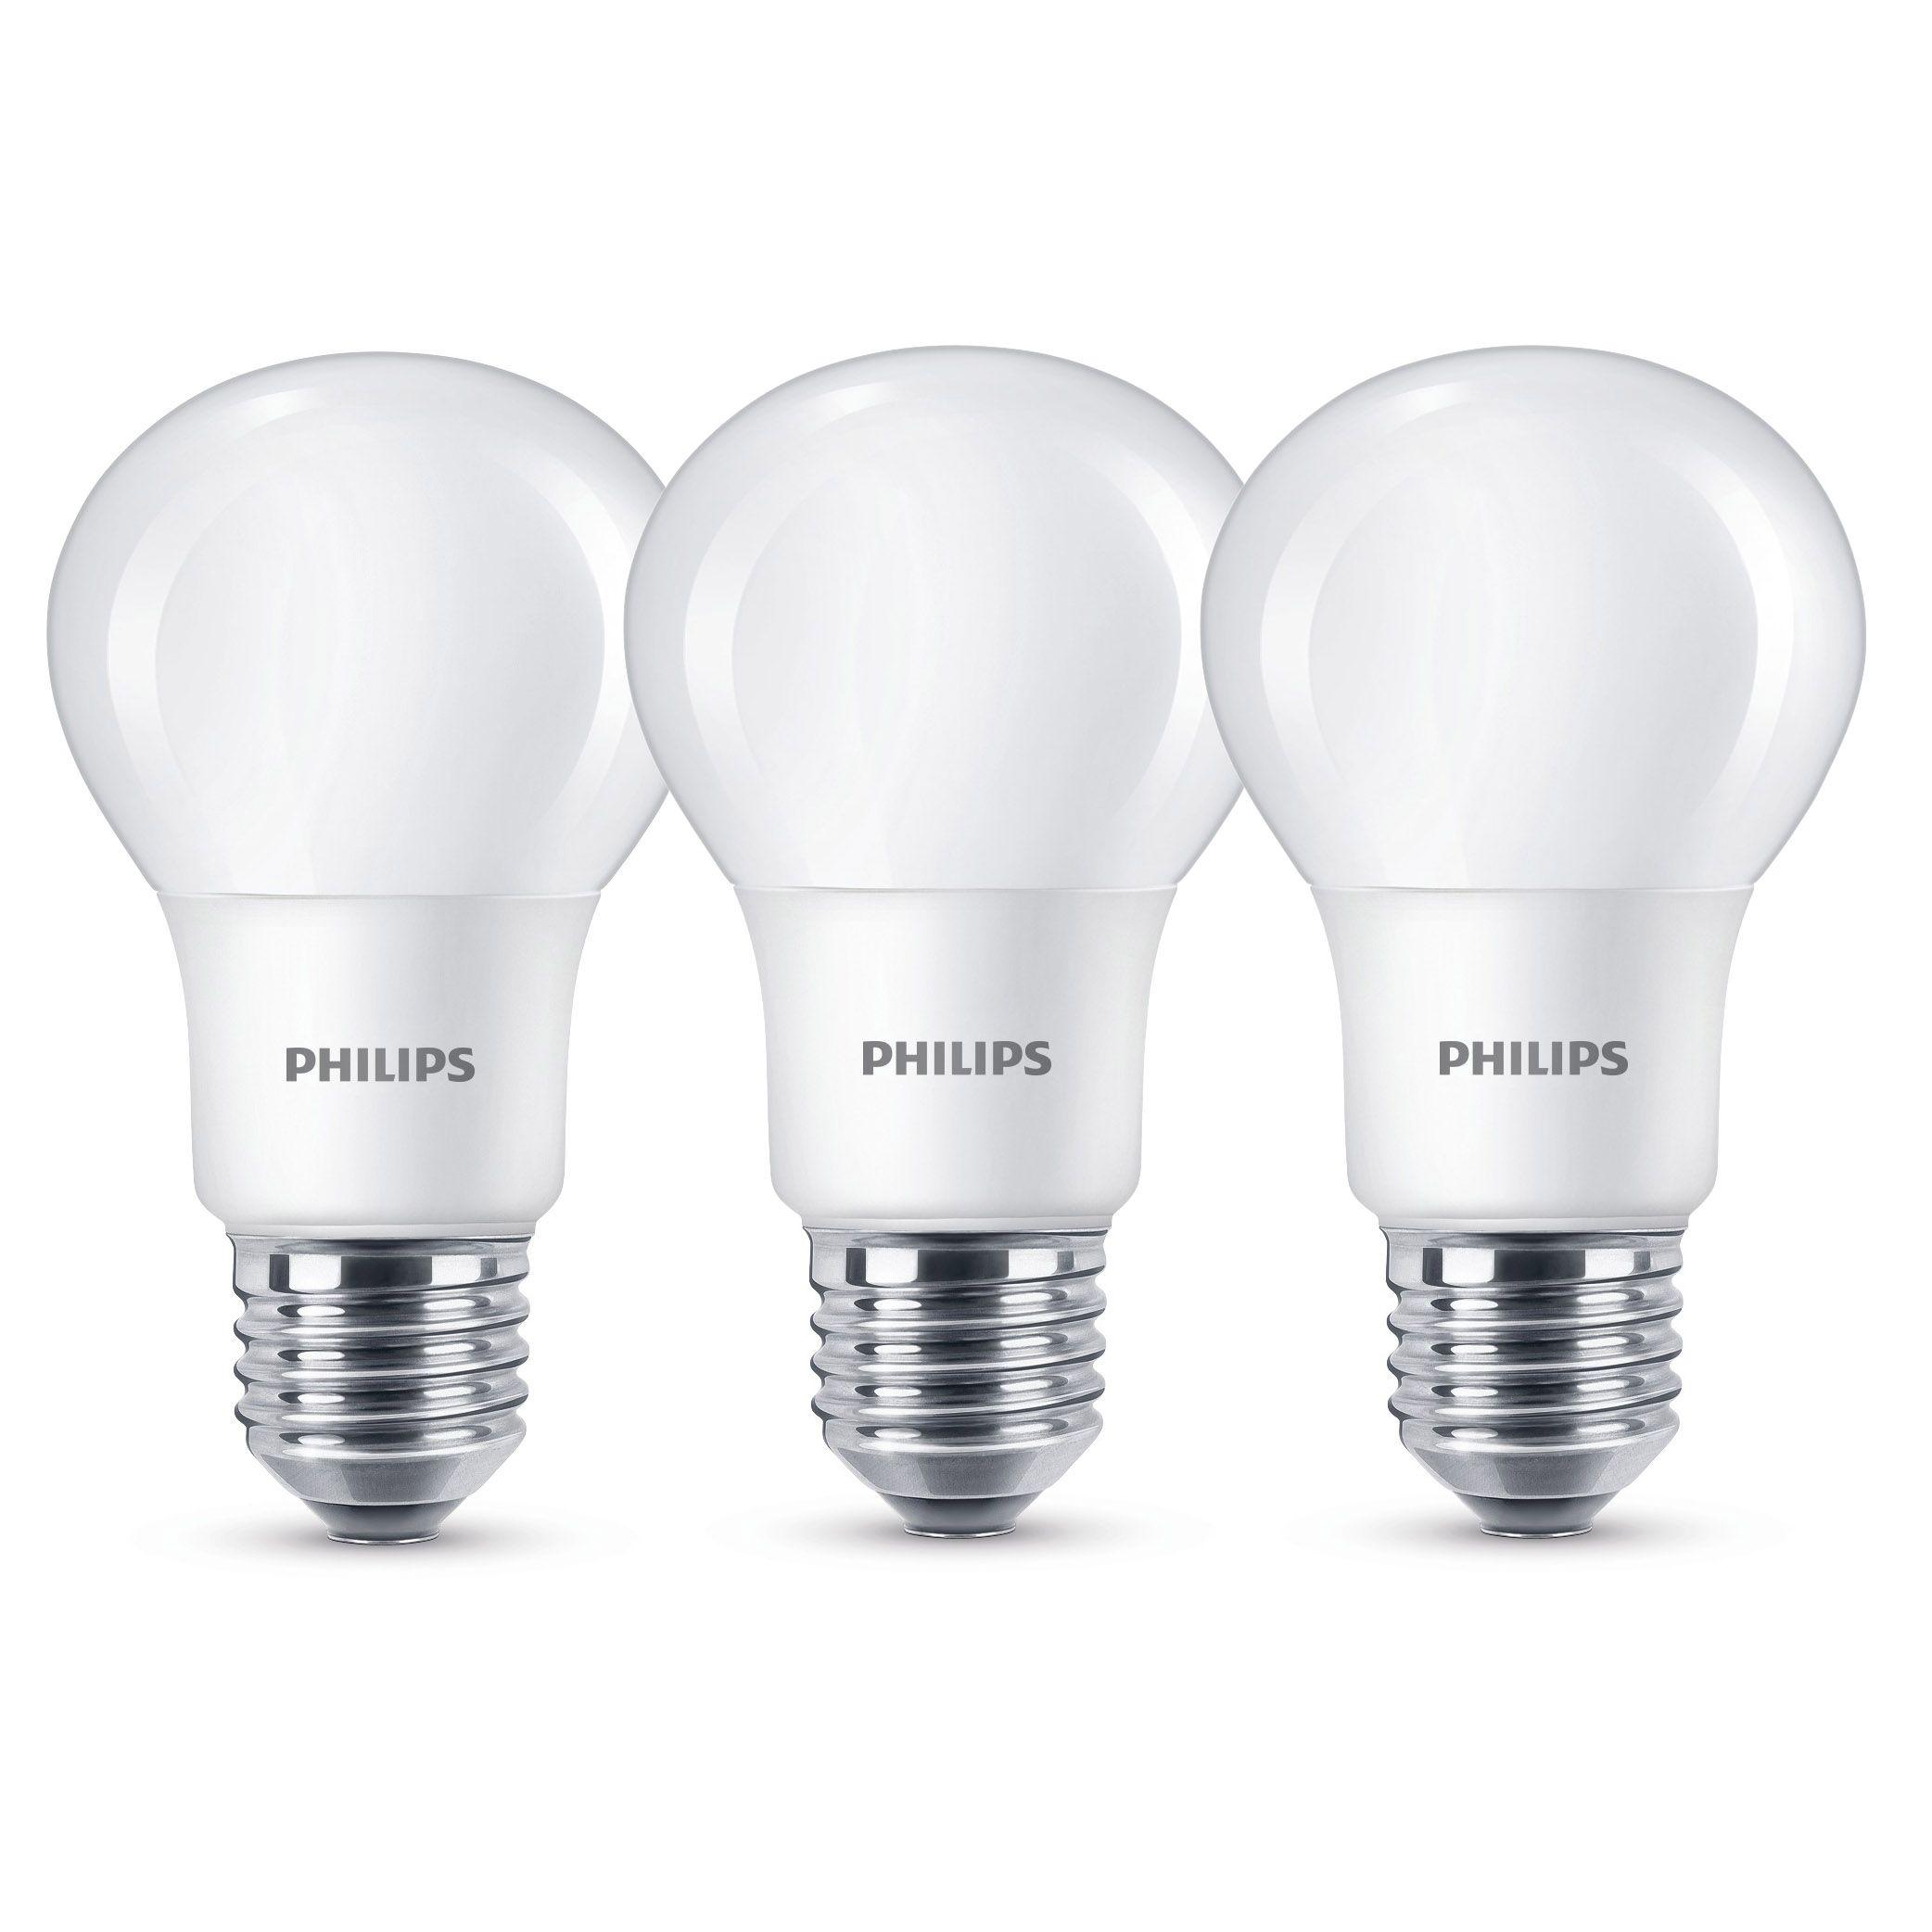 Philips E27 806lm LED GLS Light Bulb, Pack of 3 ...